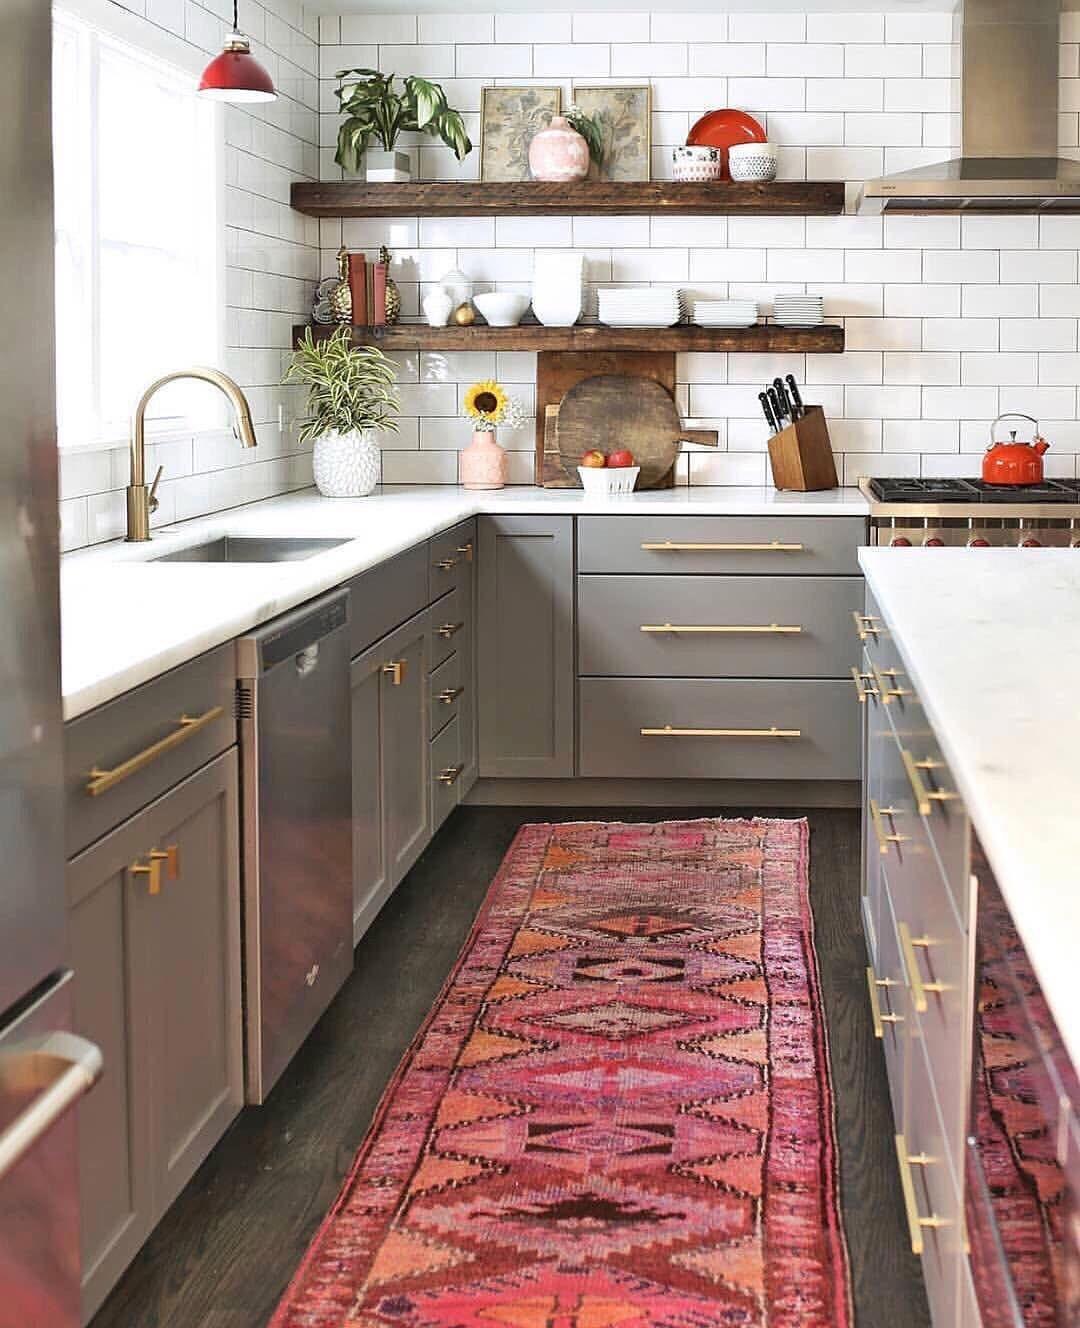 Top 60 Eclectic Kitchen Ideas 29 Antique Kitchen Cabinets Eclectic Kitchen Stylish Kitchen